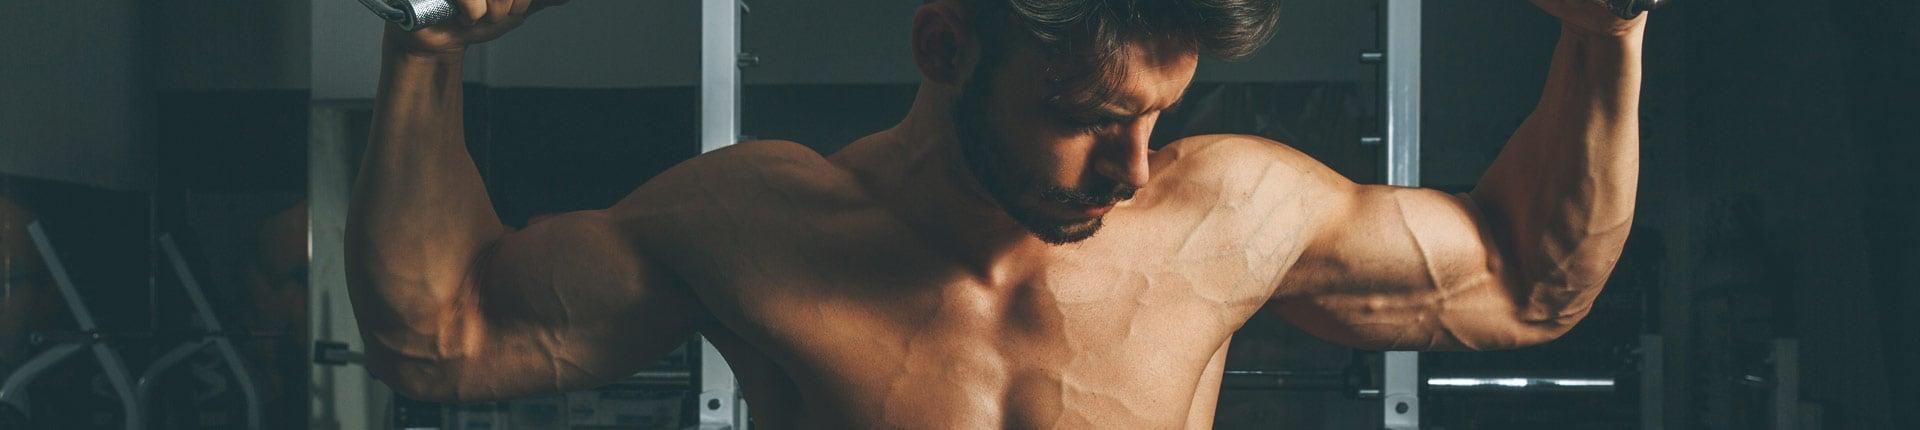 Najczęstsze problemy w pierwszych latach treningu siłowego: siła, tkanka tłuszczowa